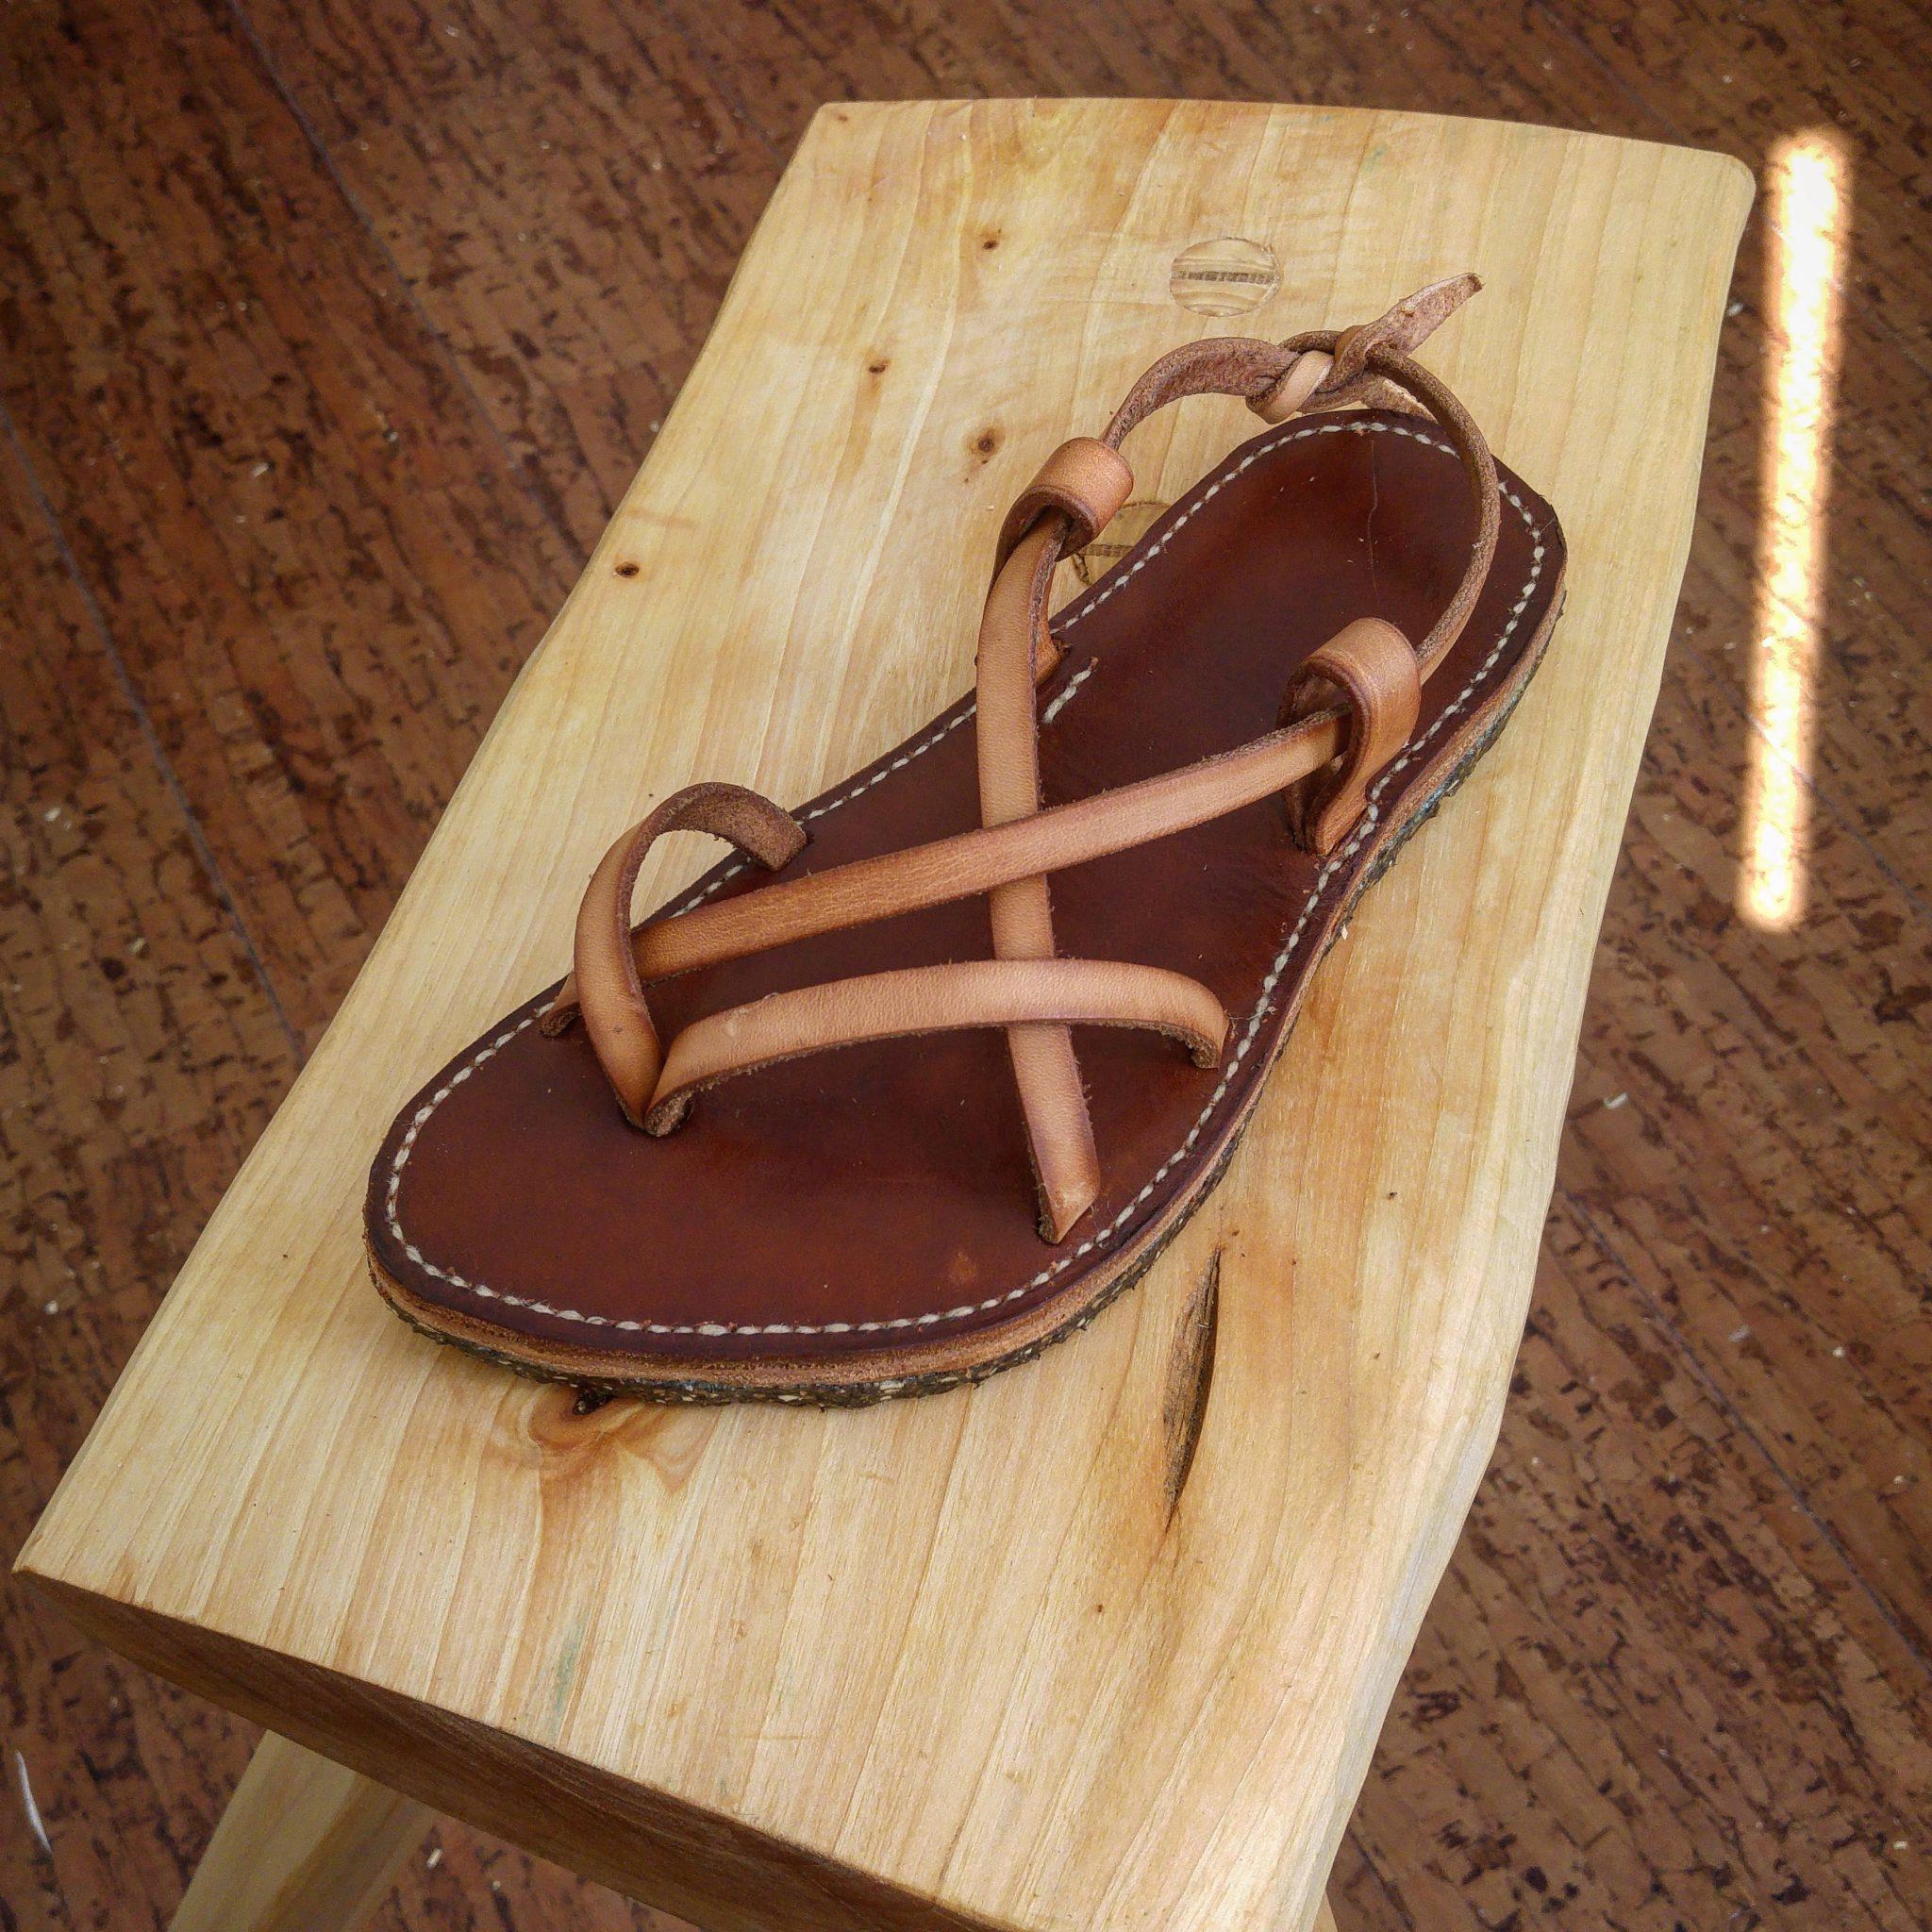 Custom leather sandals | Livius Crafts